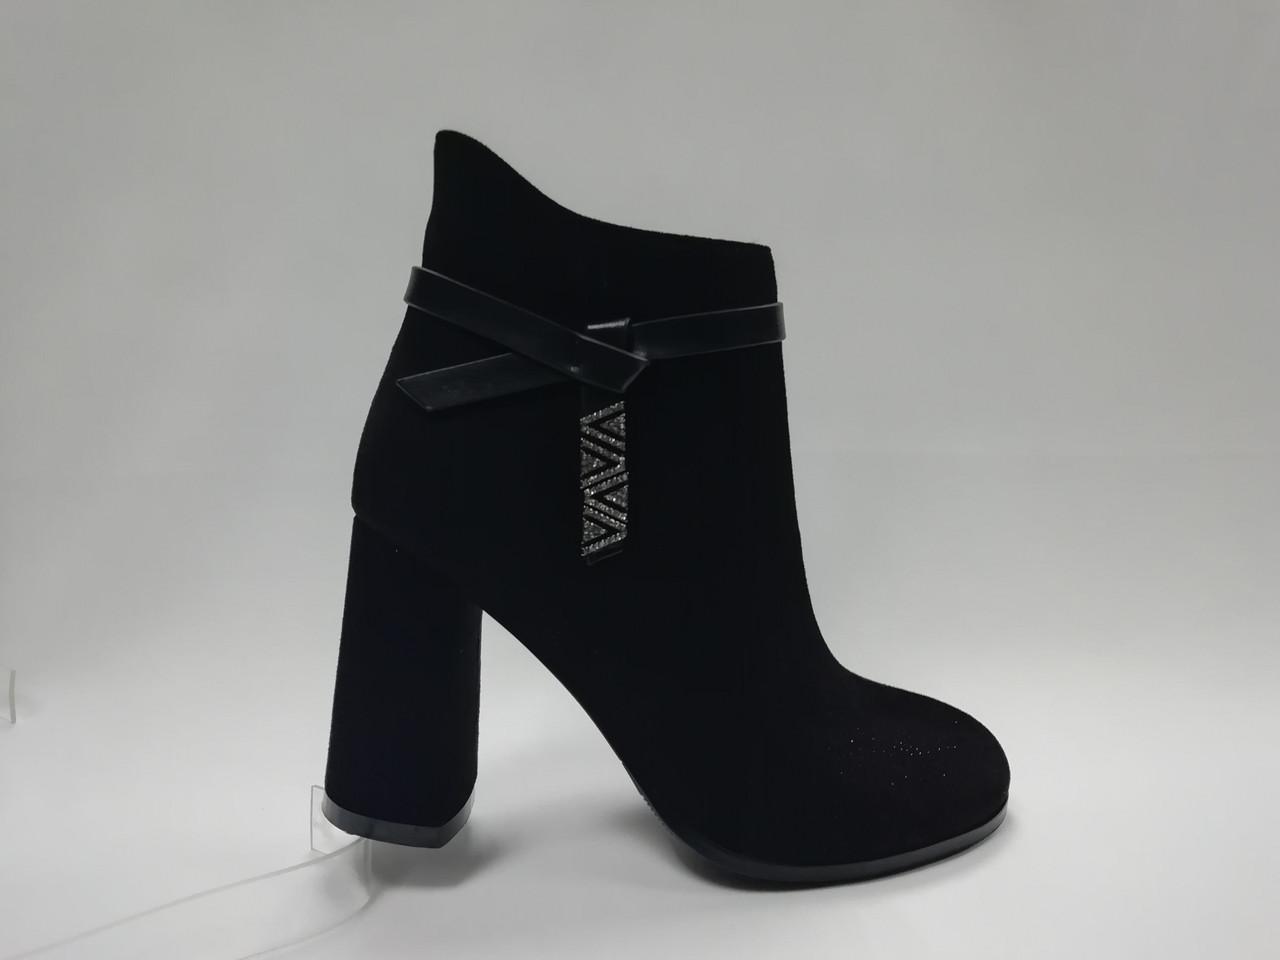 Чорні черевики з еко-замші. Ботильйони. Маленькі розміри (33 - 35).